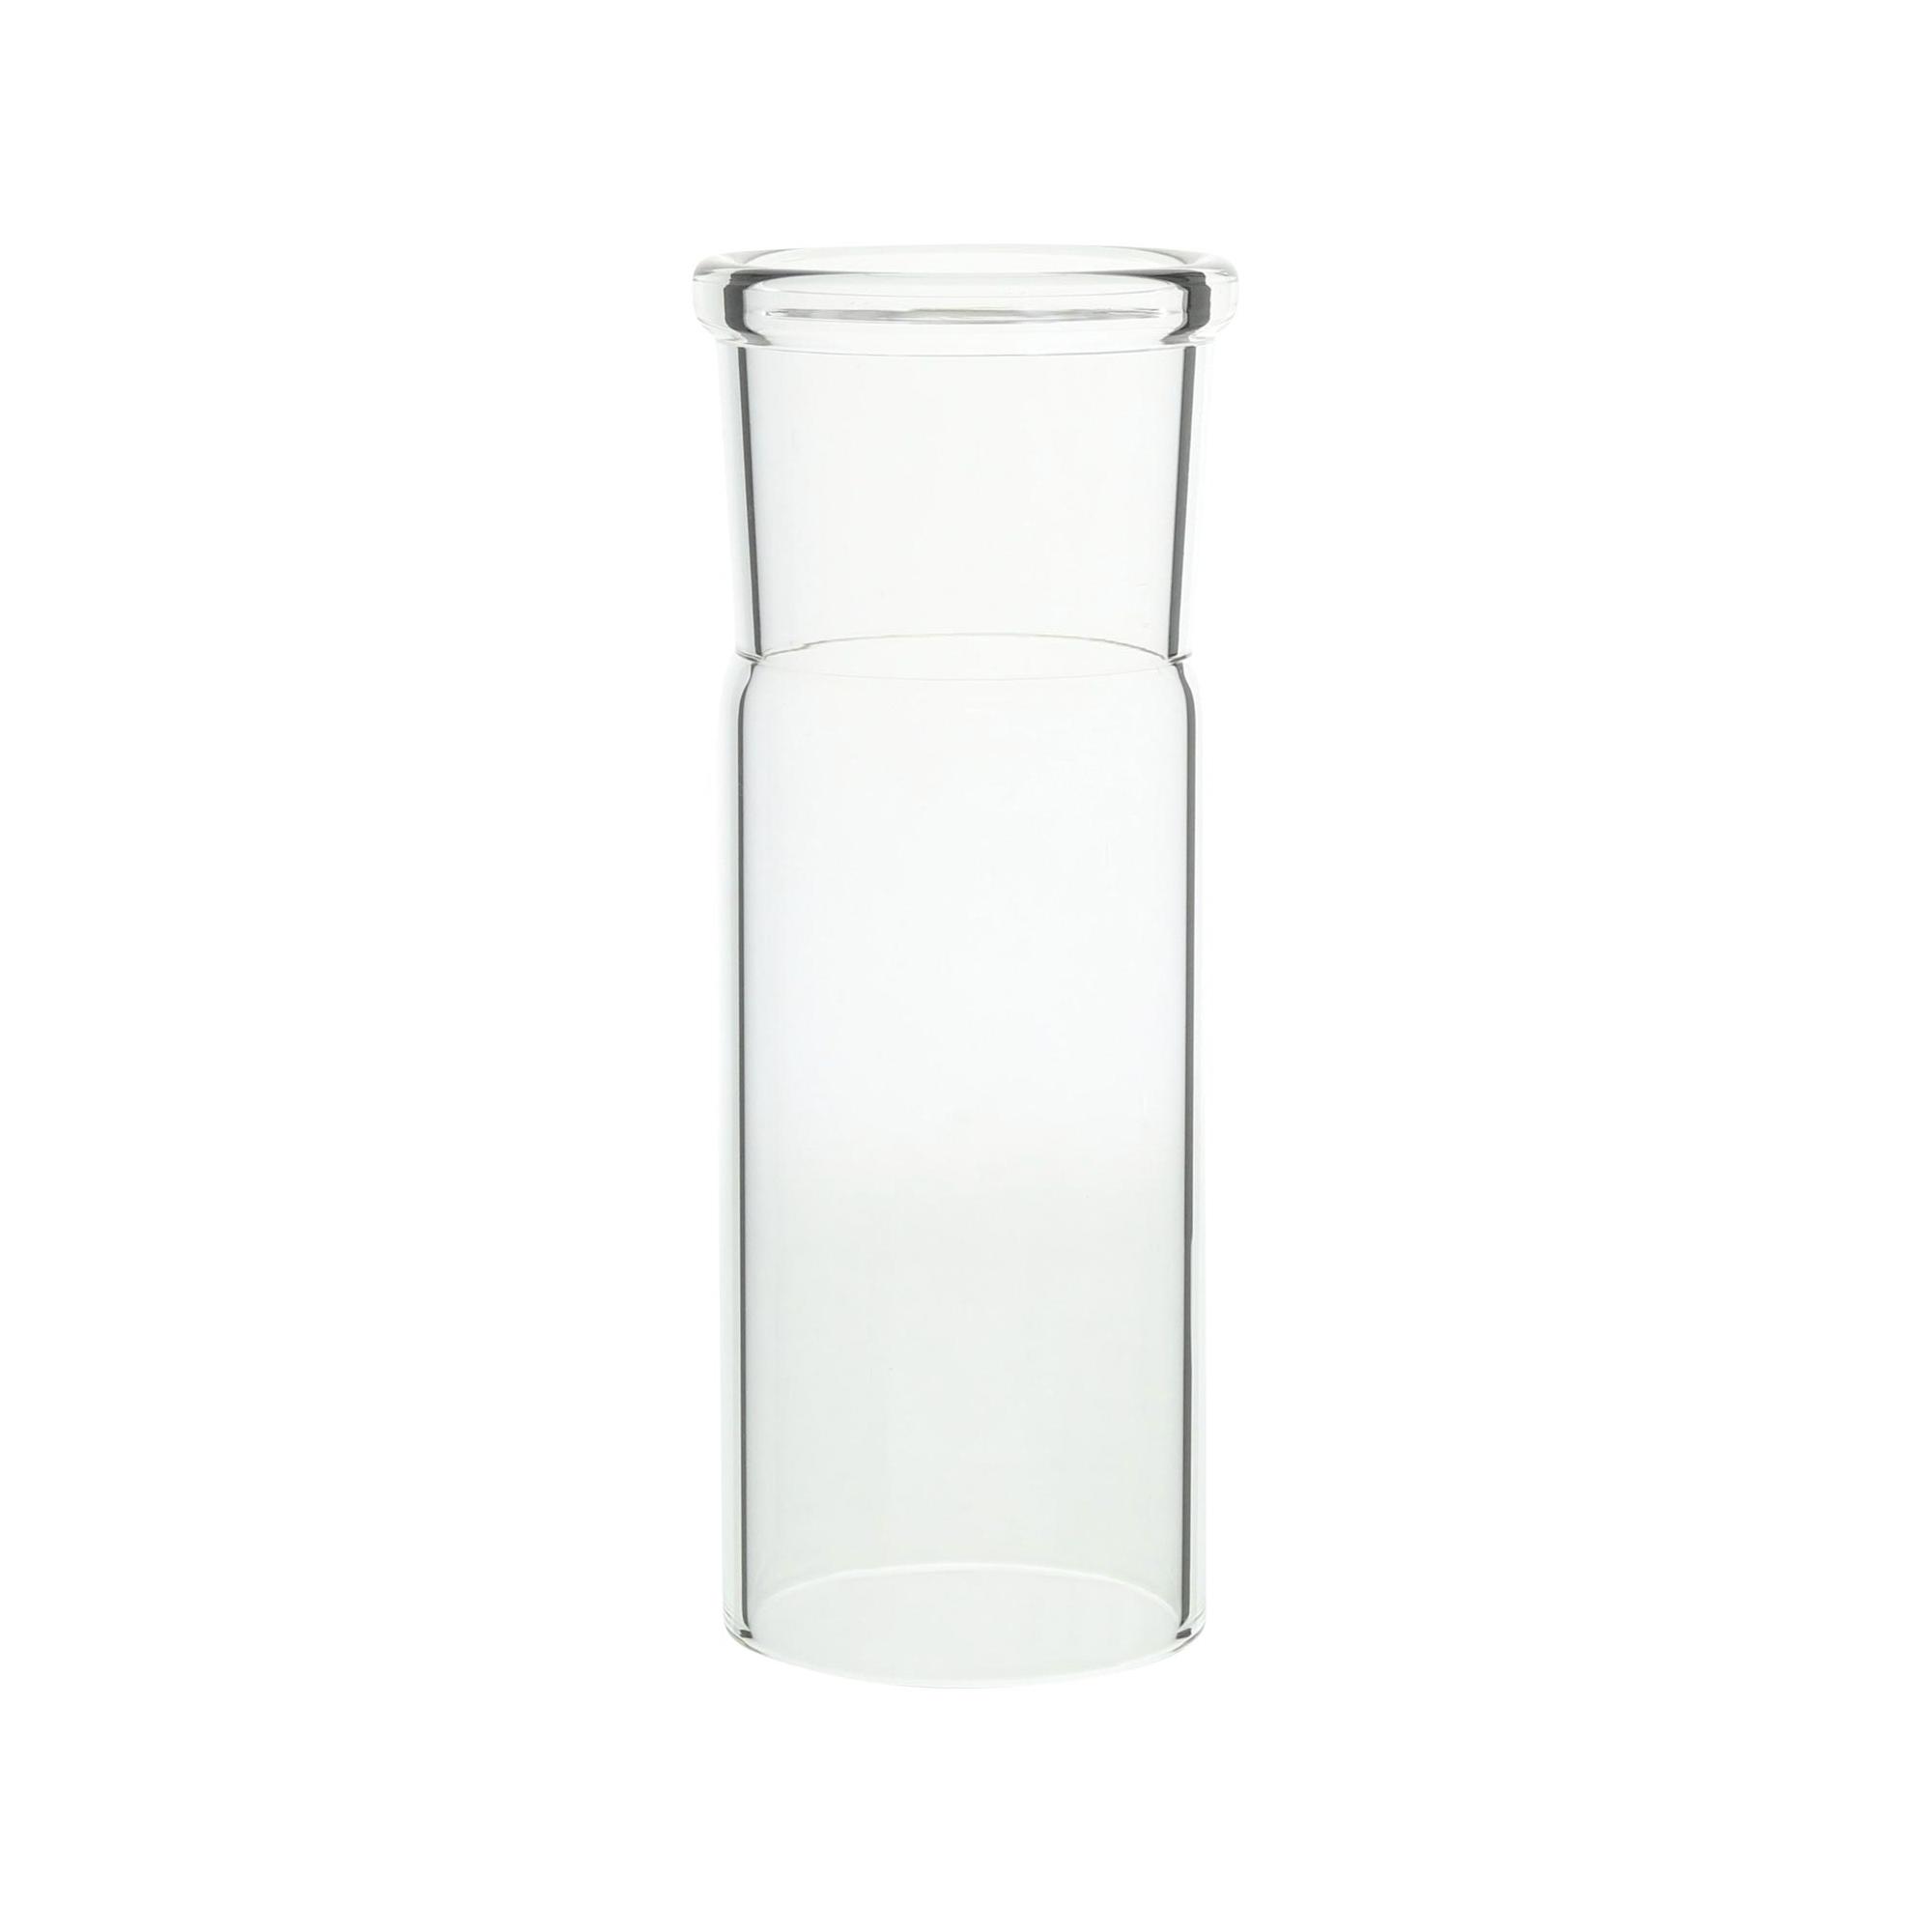 透明すり合わせガラス接手管 メス形